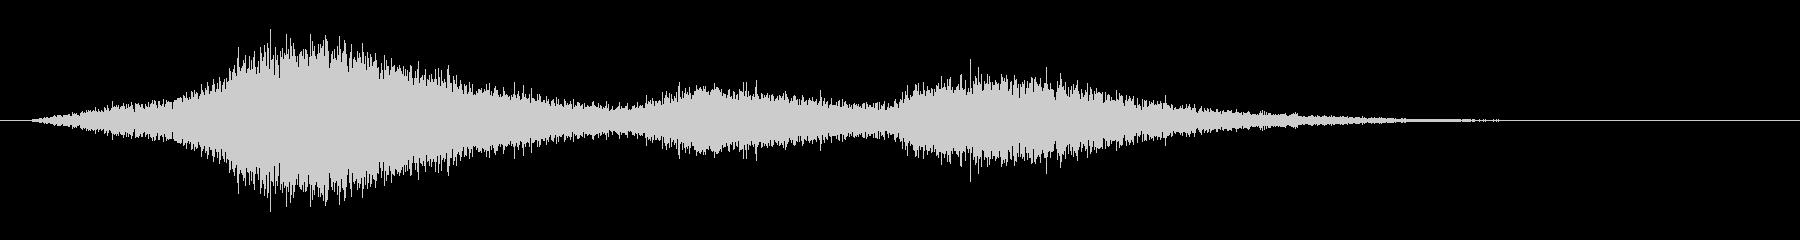 シャープな残響ヒスの未再生の波形